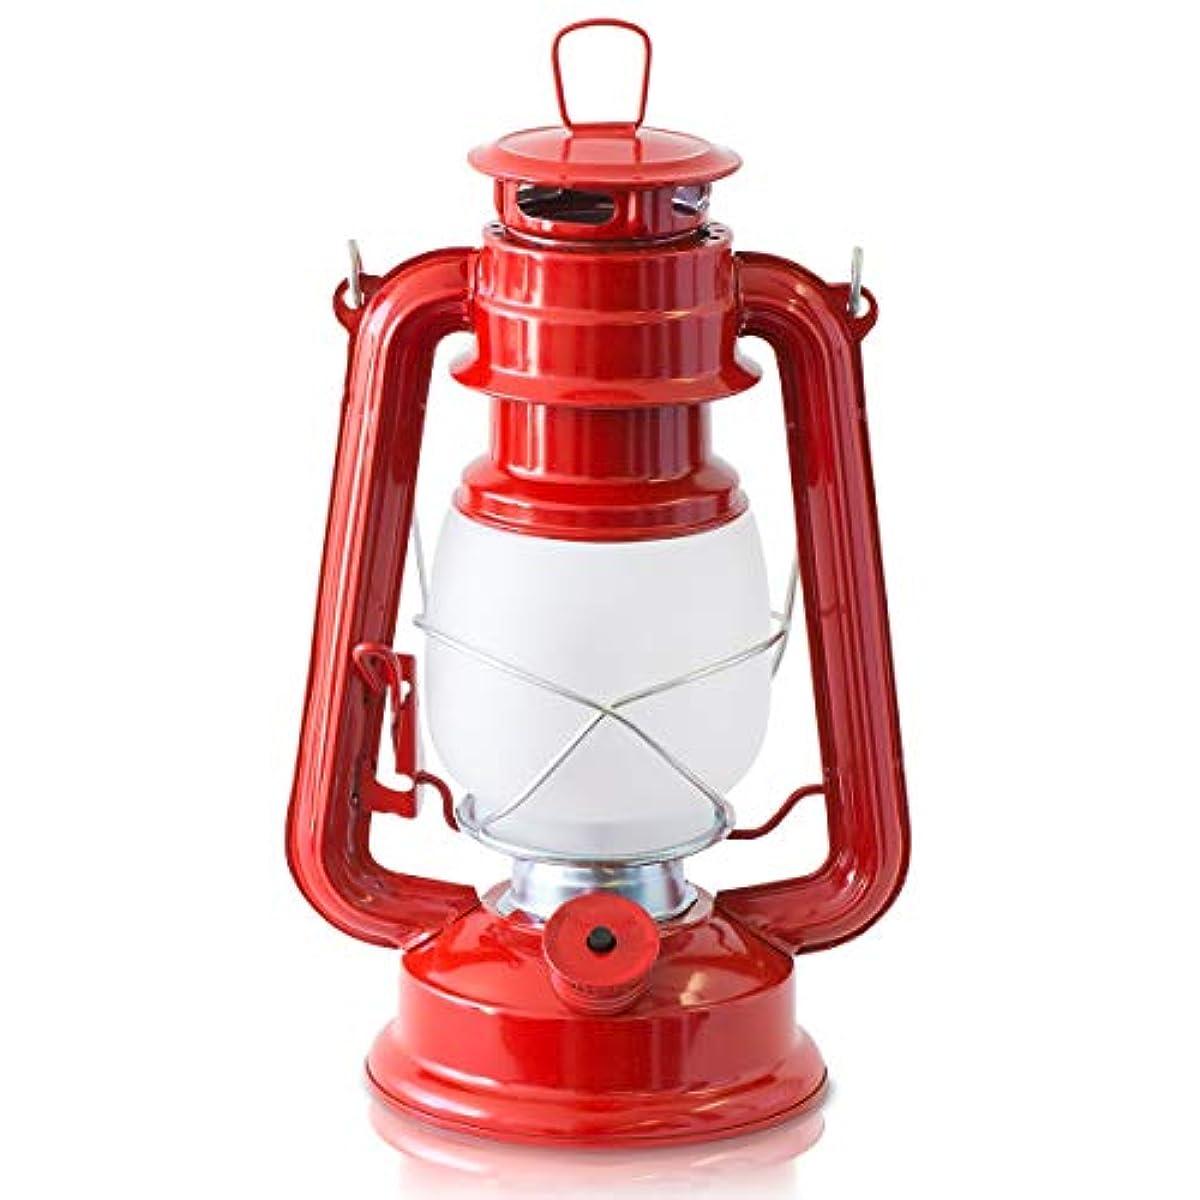 [해외] FIELDOOR 앤틱 LED랜턴 동요 모드 교환 기능 첨부 【레드】 난색 밝기무 단계 조정 그랜드 ping 오너먼트 매달고 캠프 BBQ 오일 램프풍